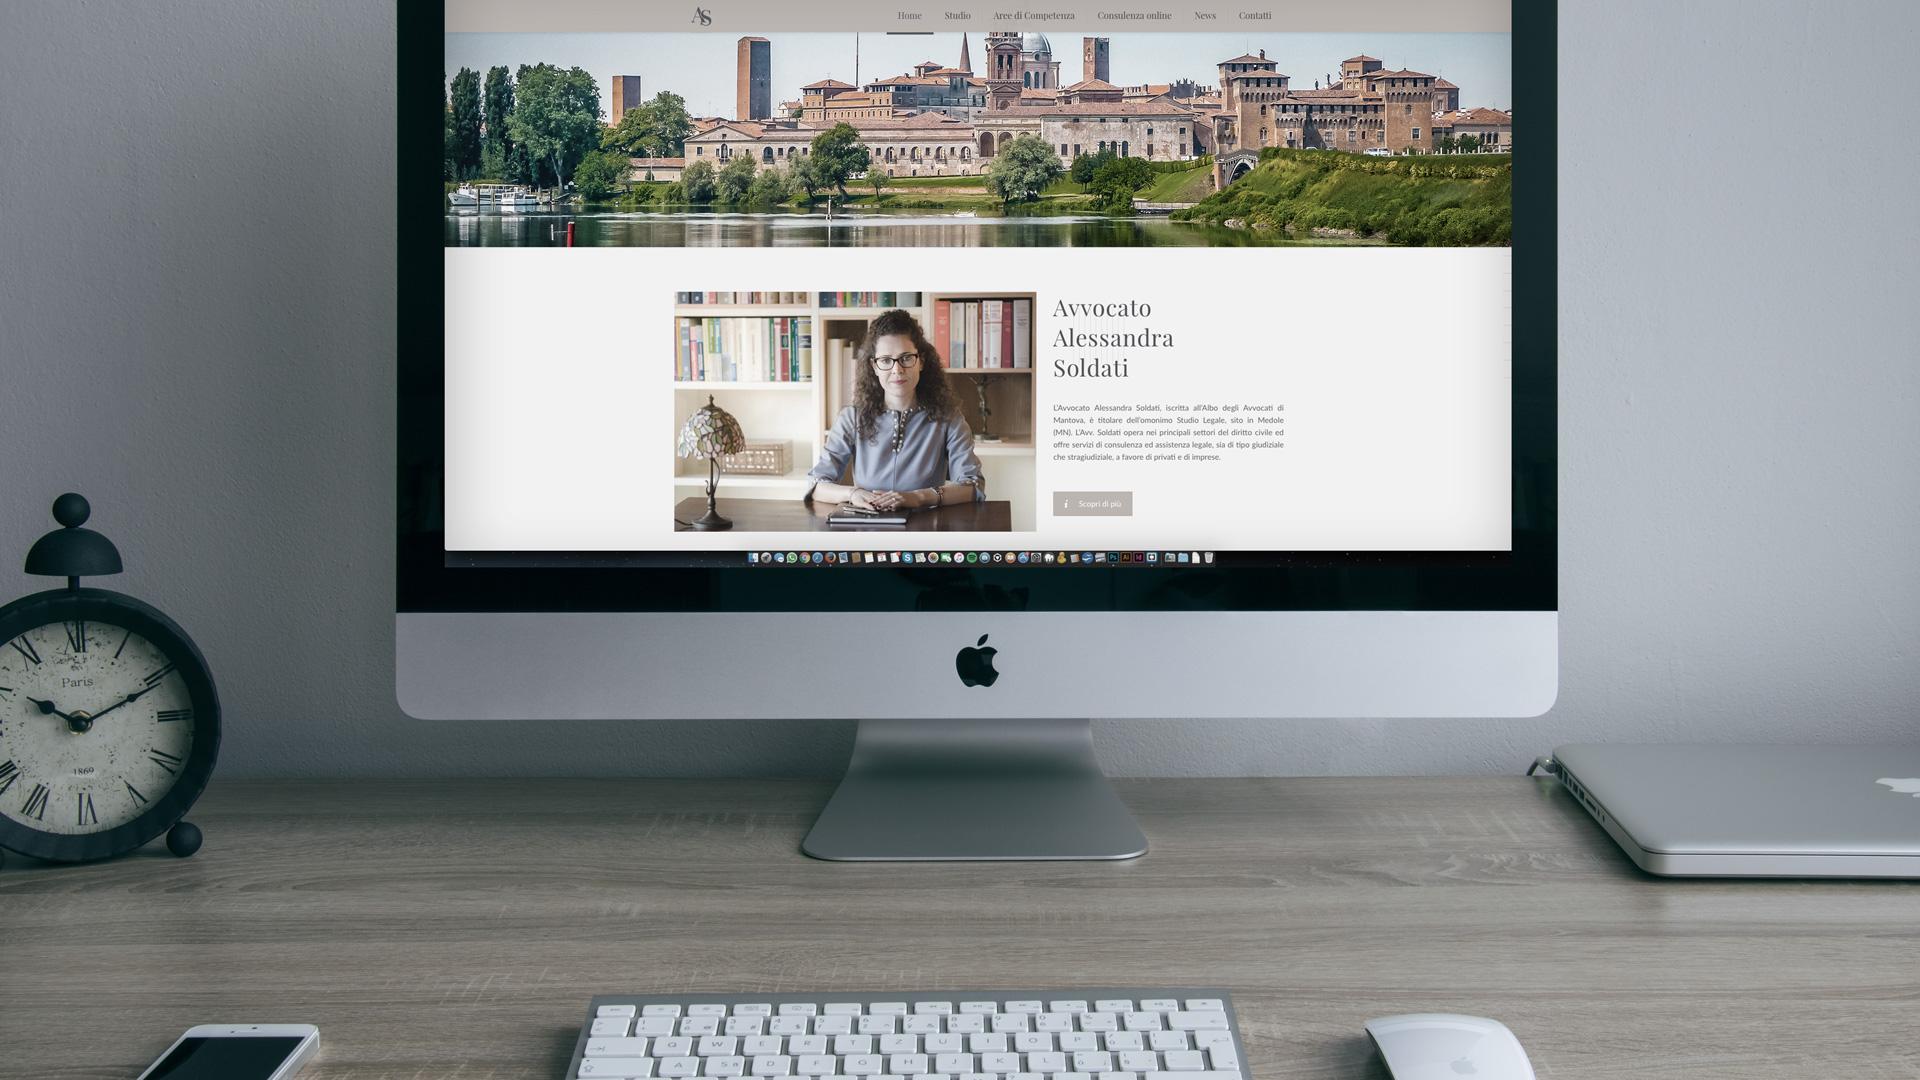 realizzazione-siti-web-studio-legale-avvocato-mantova